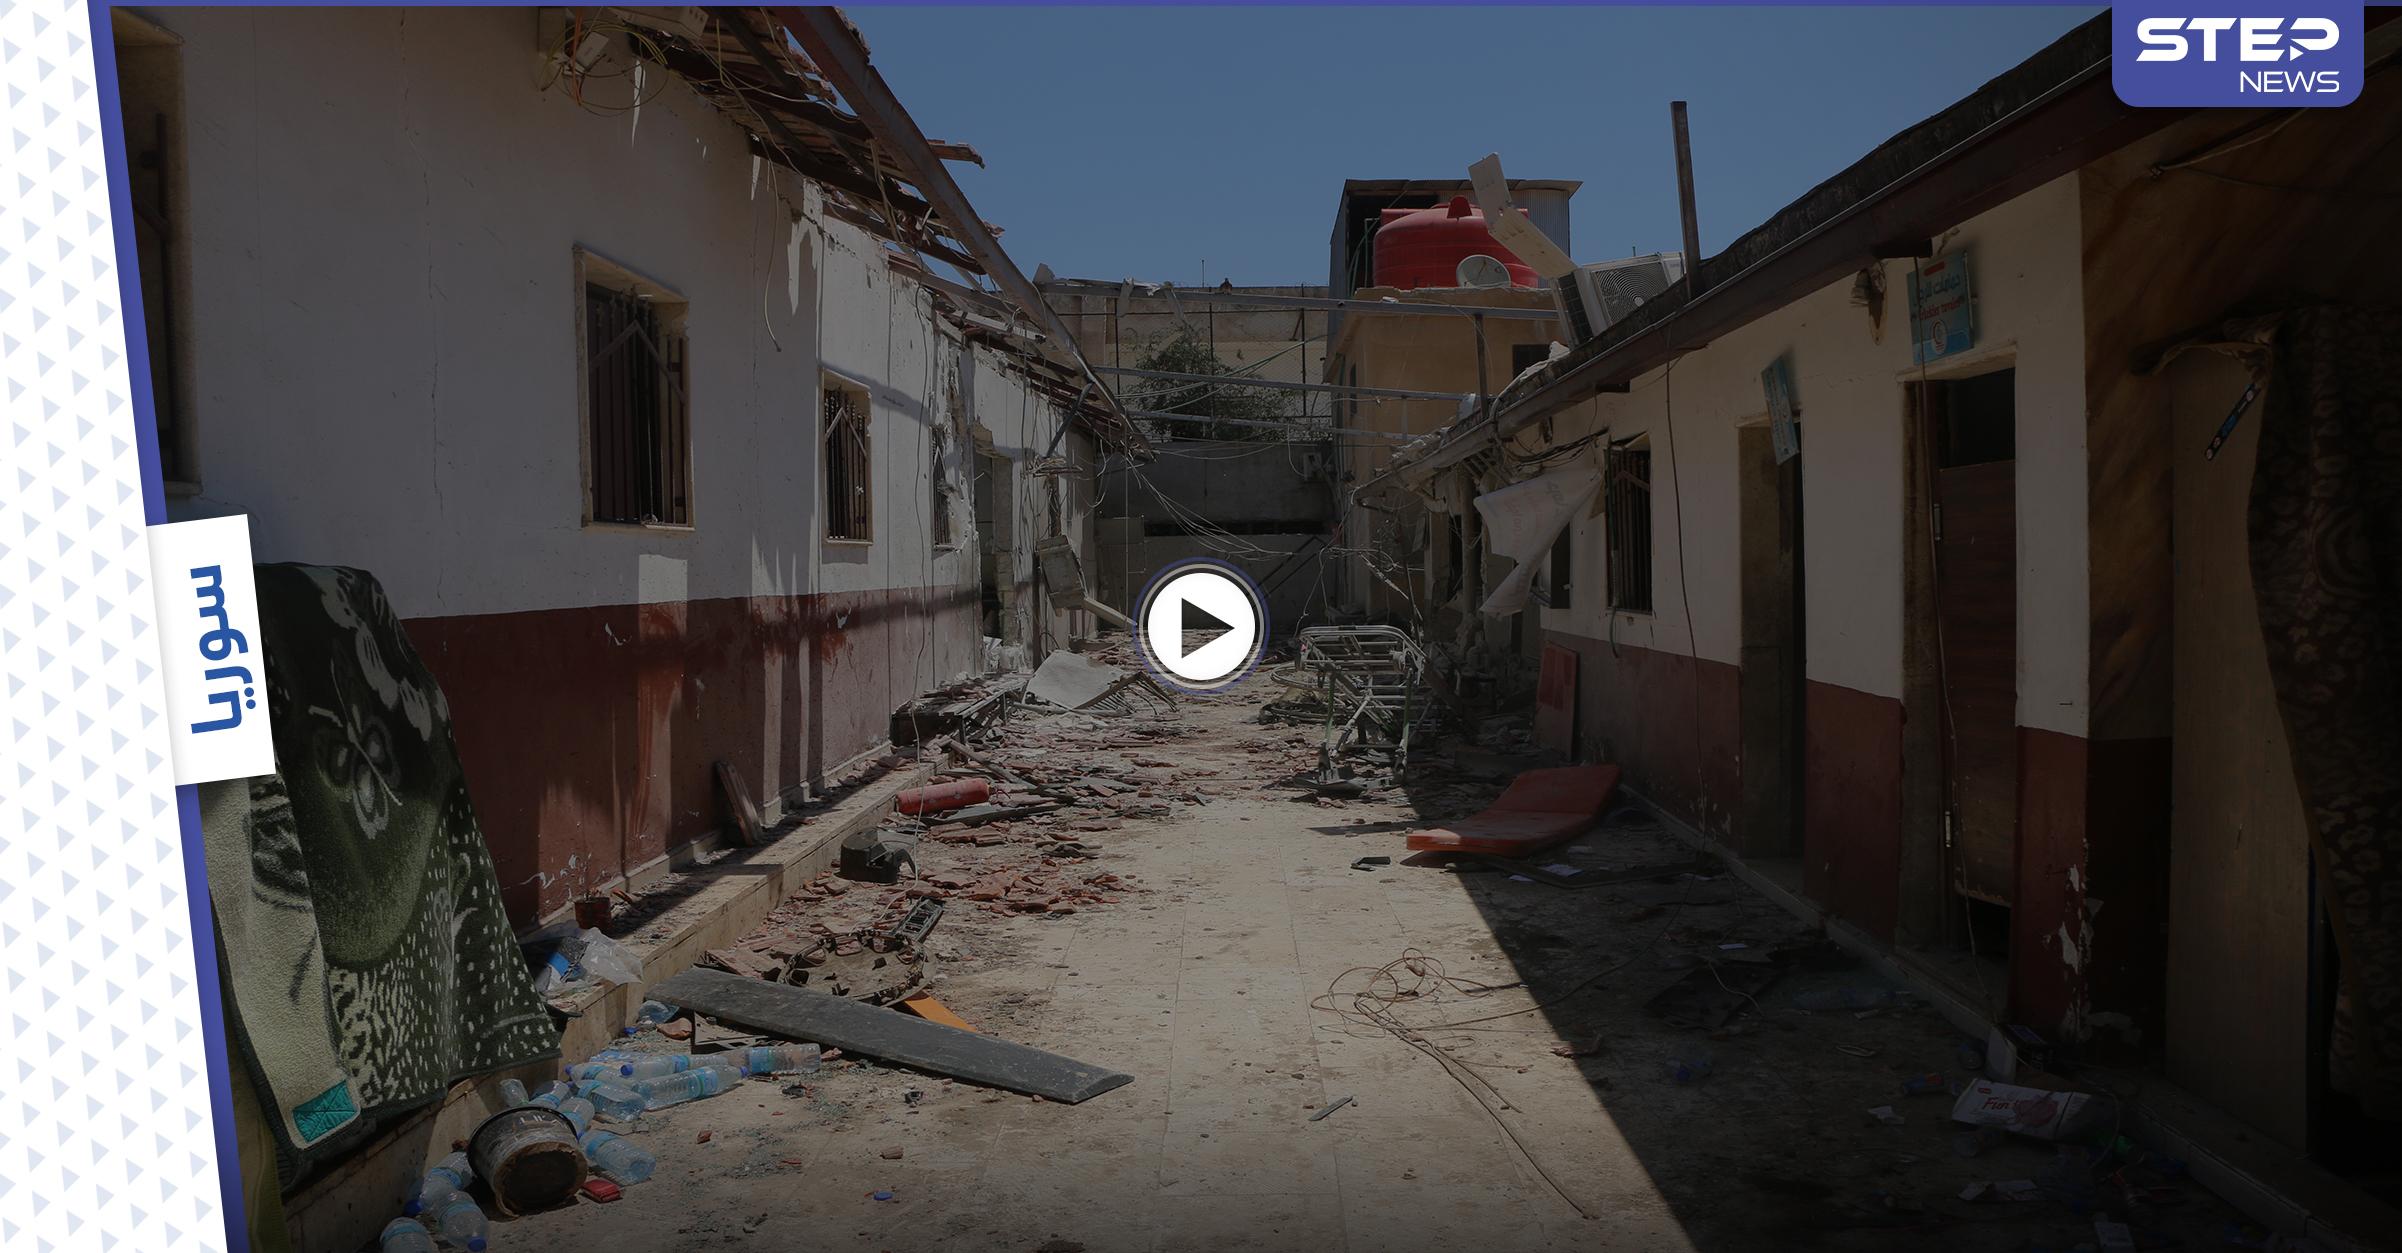 الدمار الذي خلفه القصف الصاروخي على مستشفى الشفاء بمدينة عفرين شمال حلب